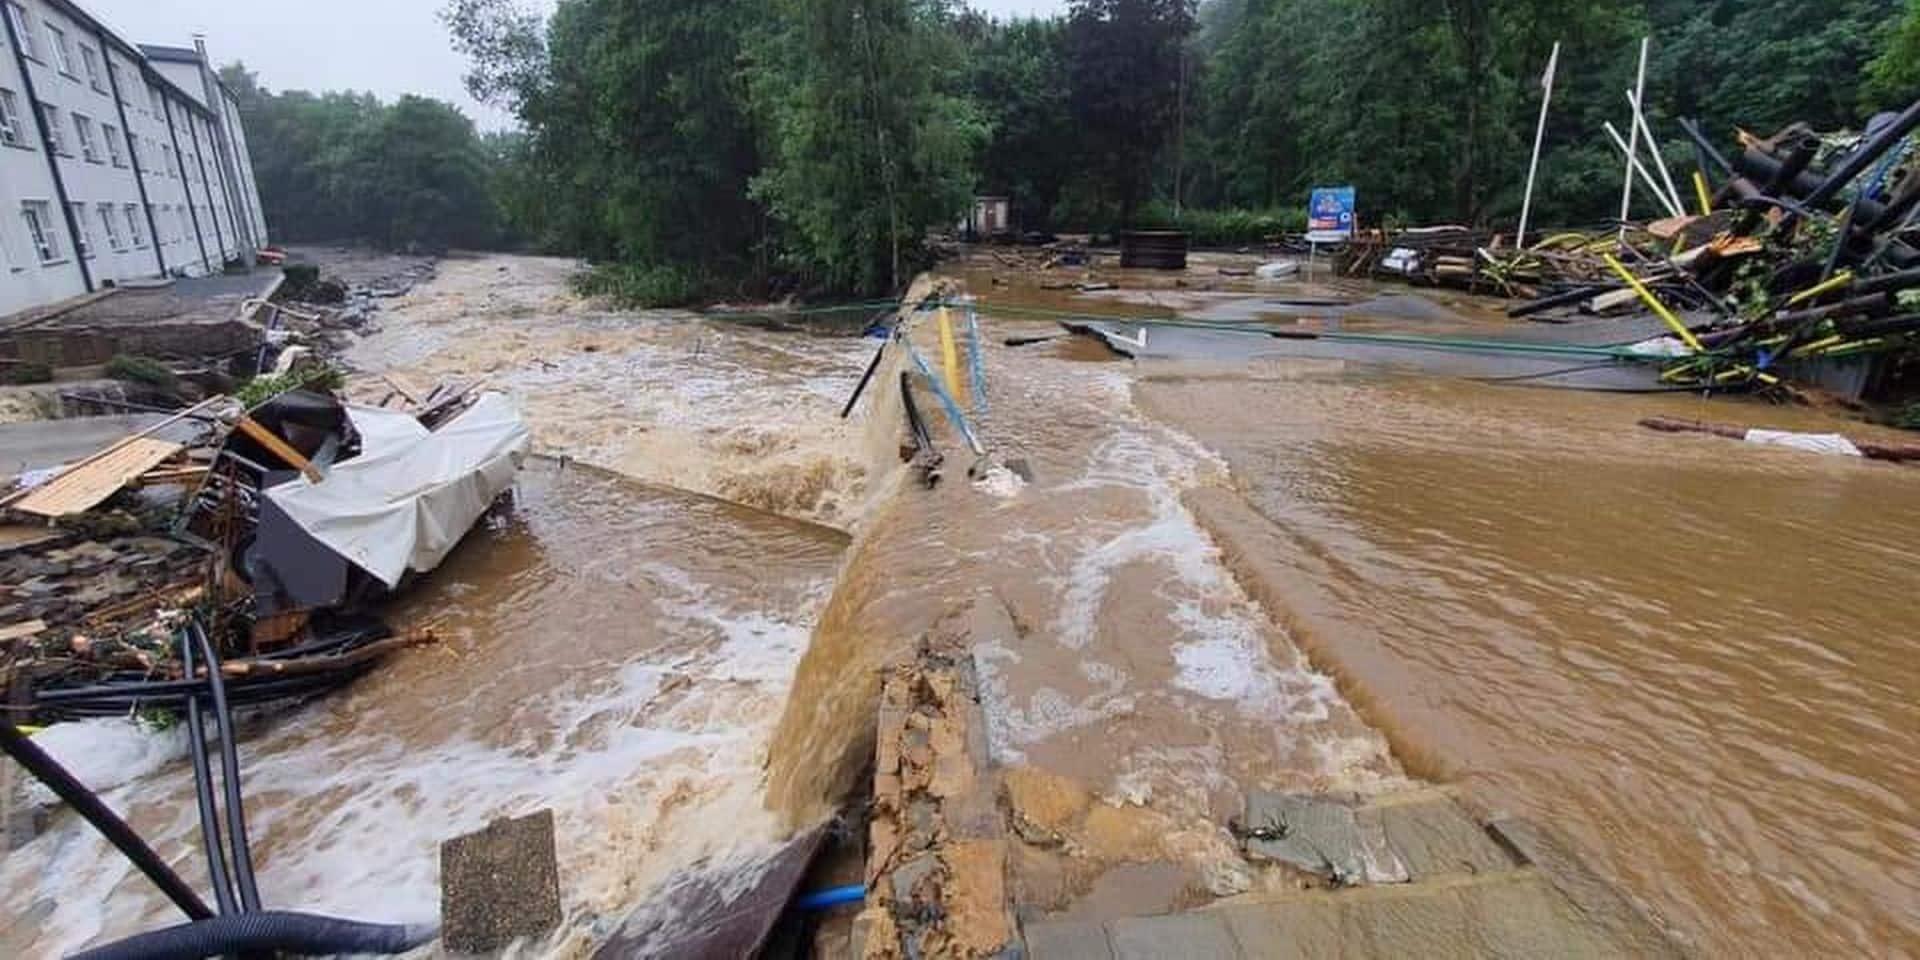 Au moins cinq personnes ont perdu la vie dans les inondations à Verviers